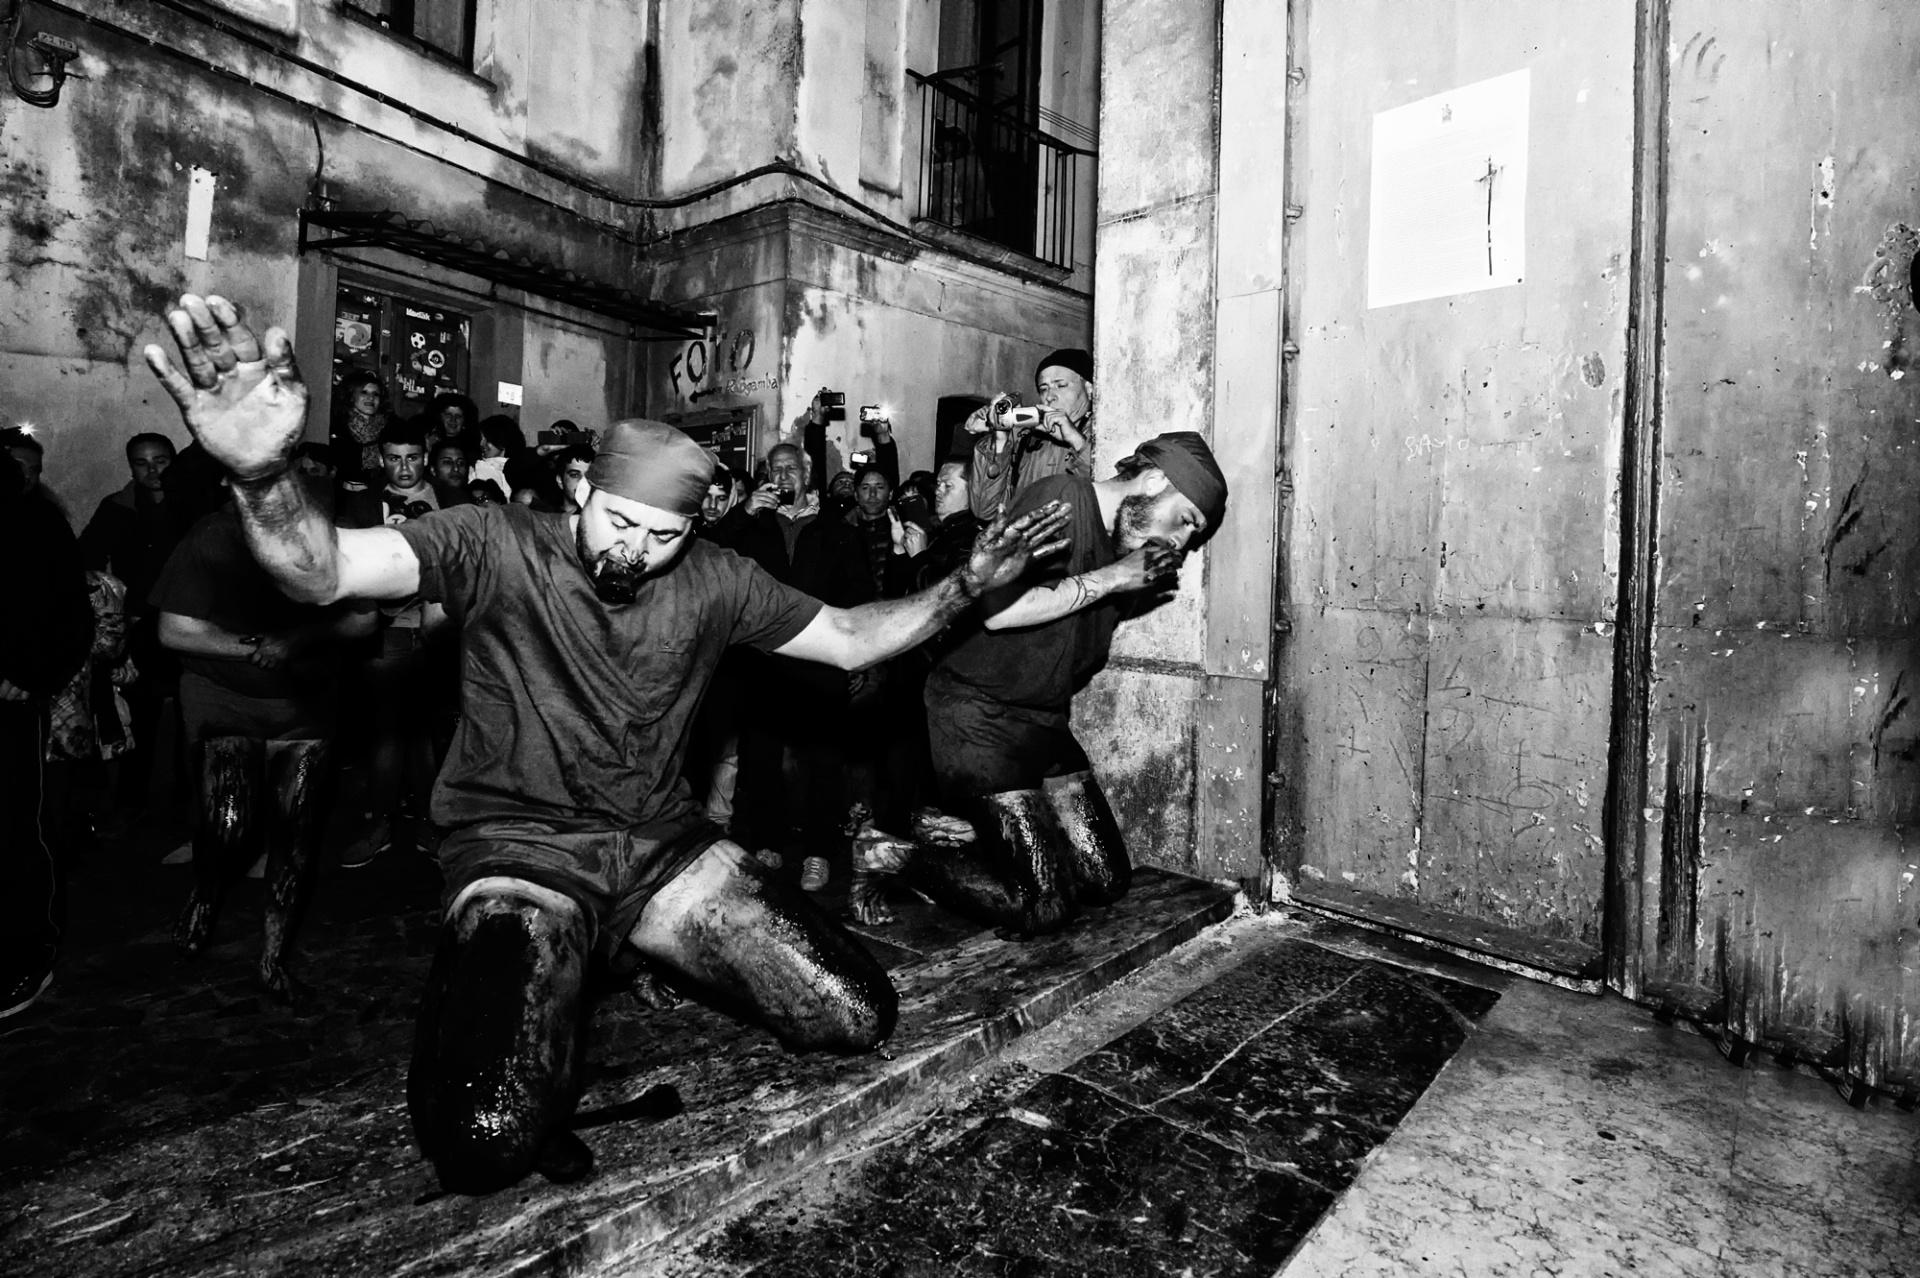 I battenti di Verbicaro, E' uno dei riti più antichi e cruenti della tradizione della settimana santa del sud dell'Italia. Pur essendo associato ai riti solenni e religiosi della Settimana Santa, quello dei